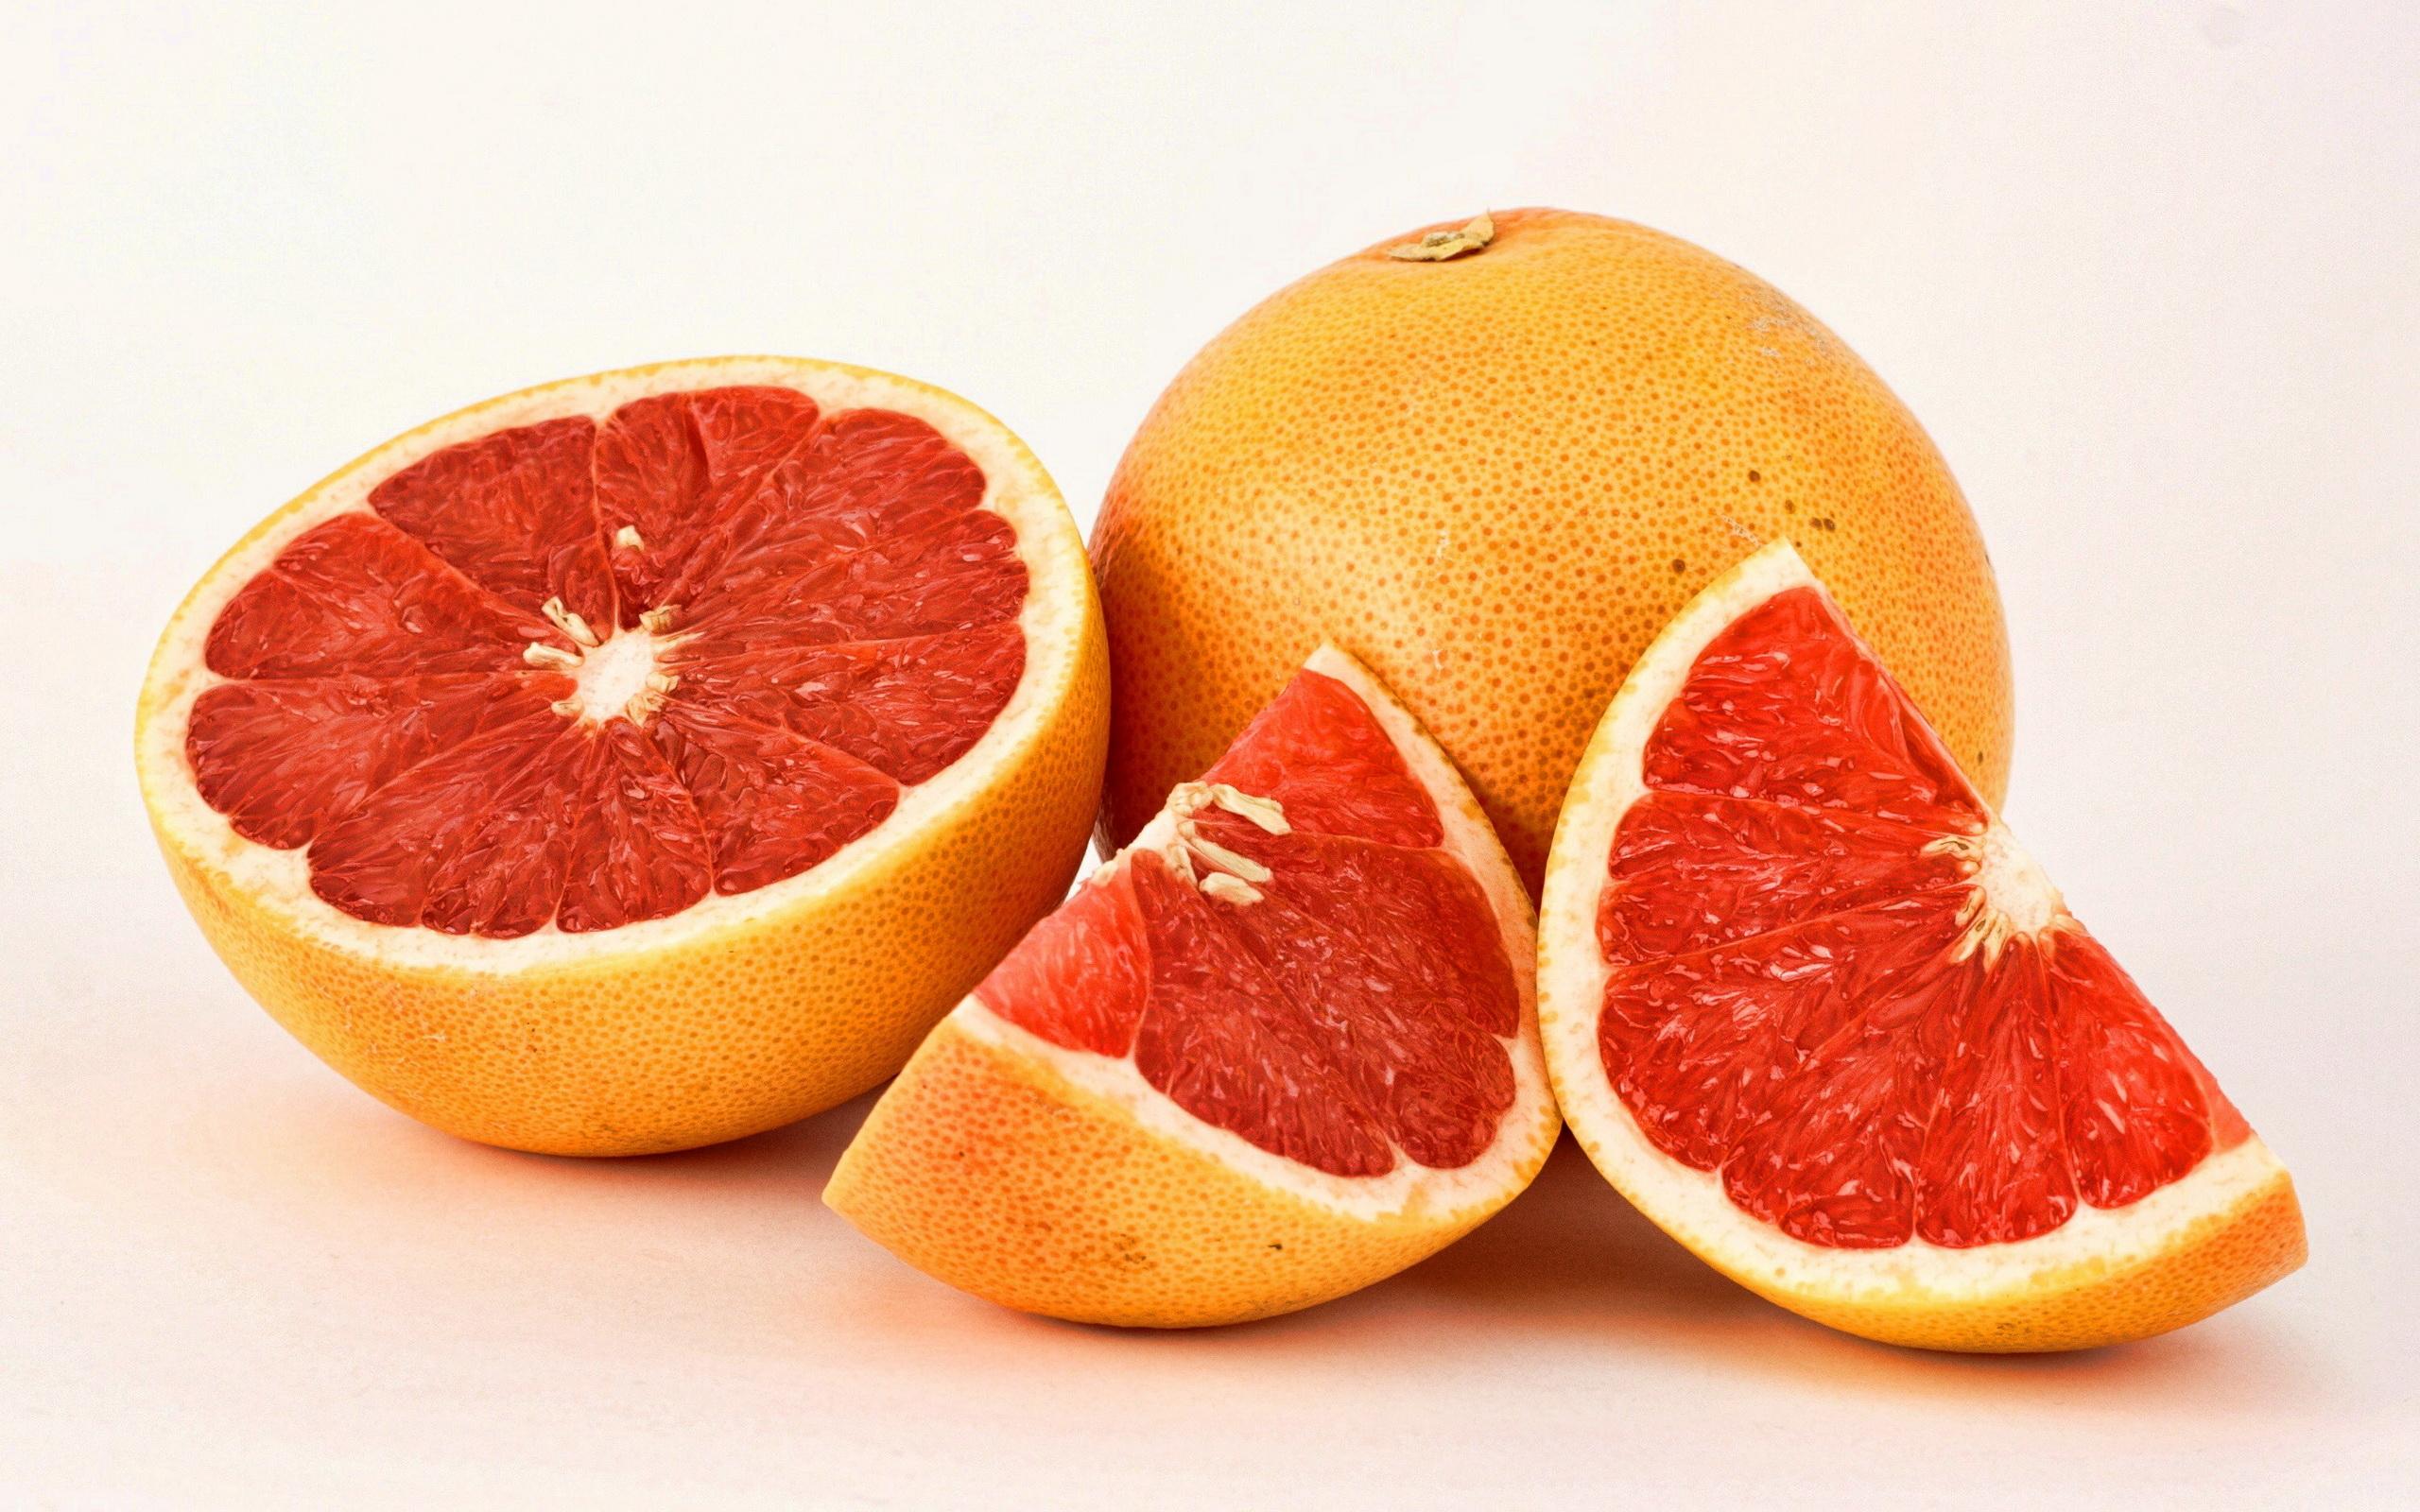 Грейпфрут Желтый Или Красный Для Похудения. Грейпфрут для похудения – как есть